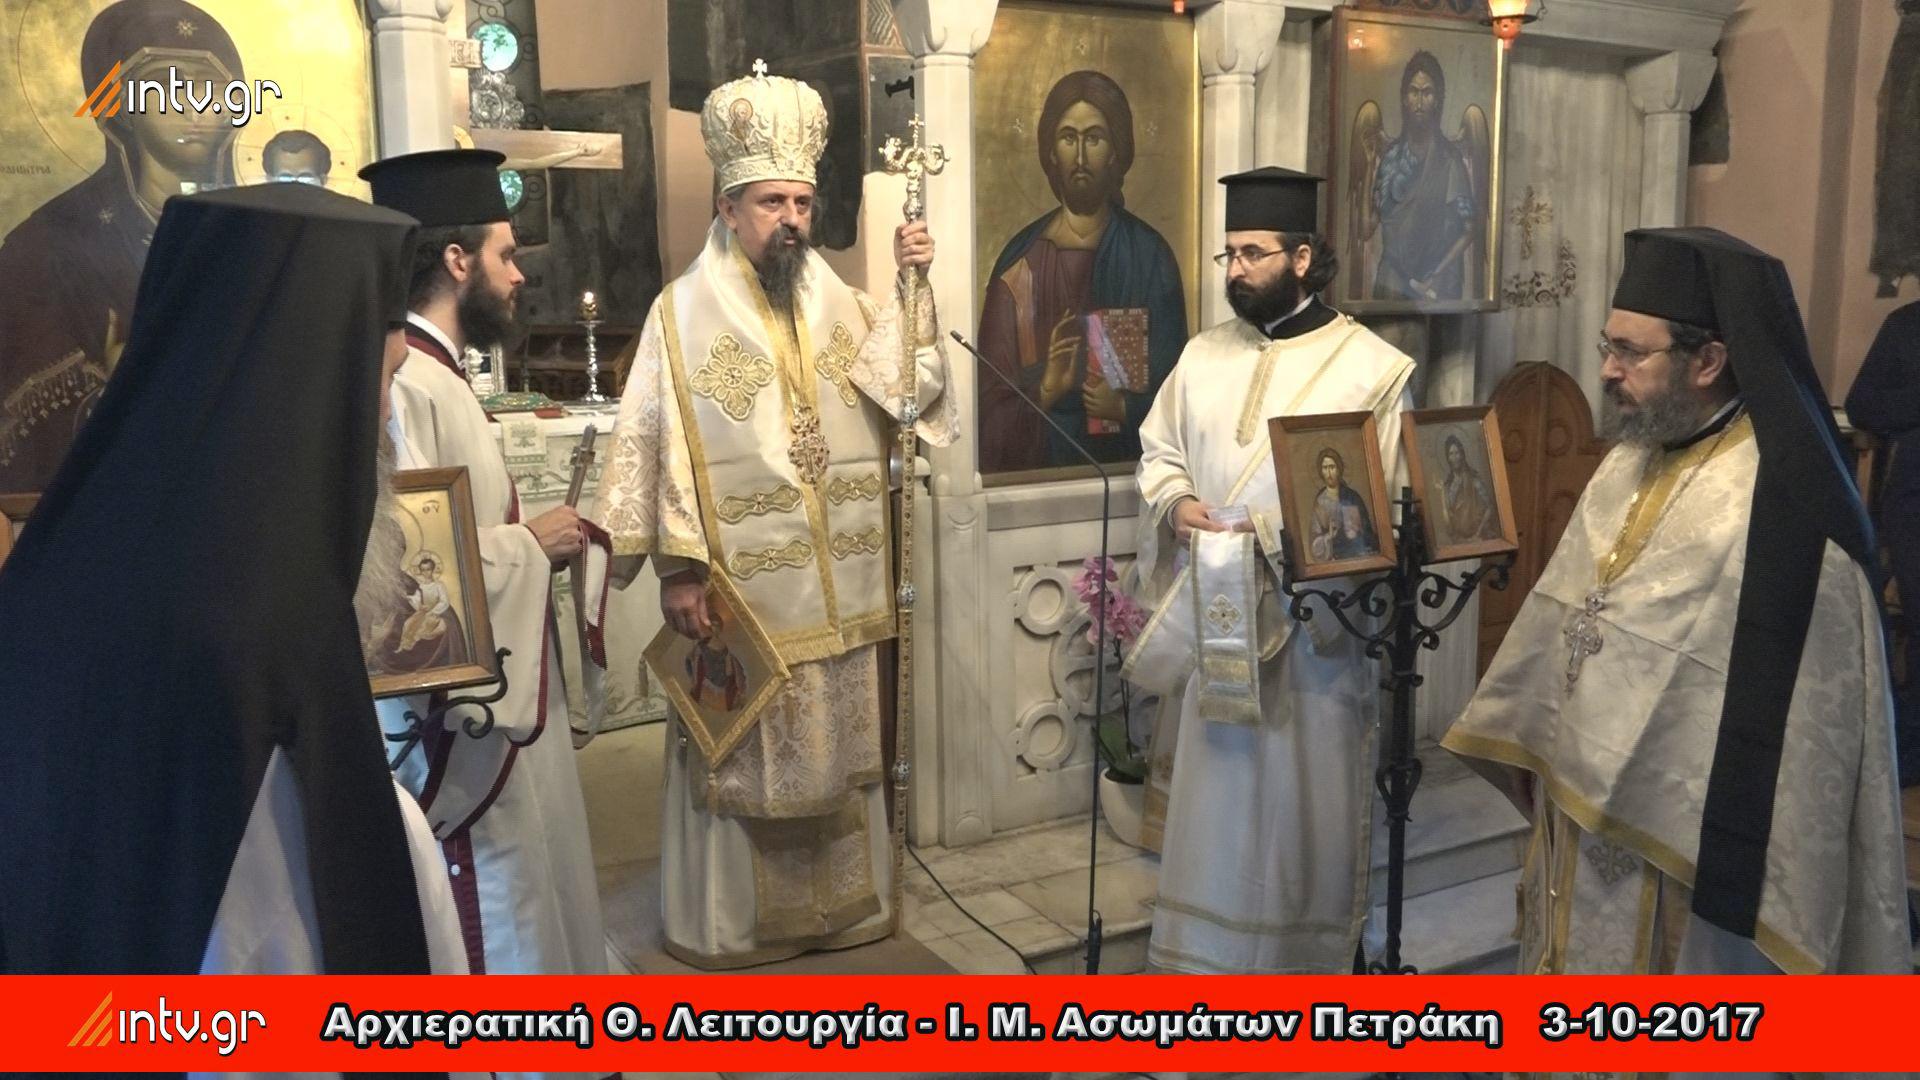 Ι. Μονή Ασωμάτων Πετράκη - Αρχιερατική Θ. Λειτουργία 3-10-2017